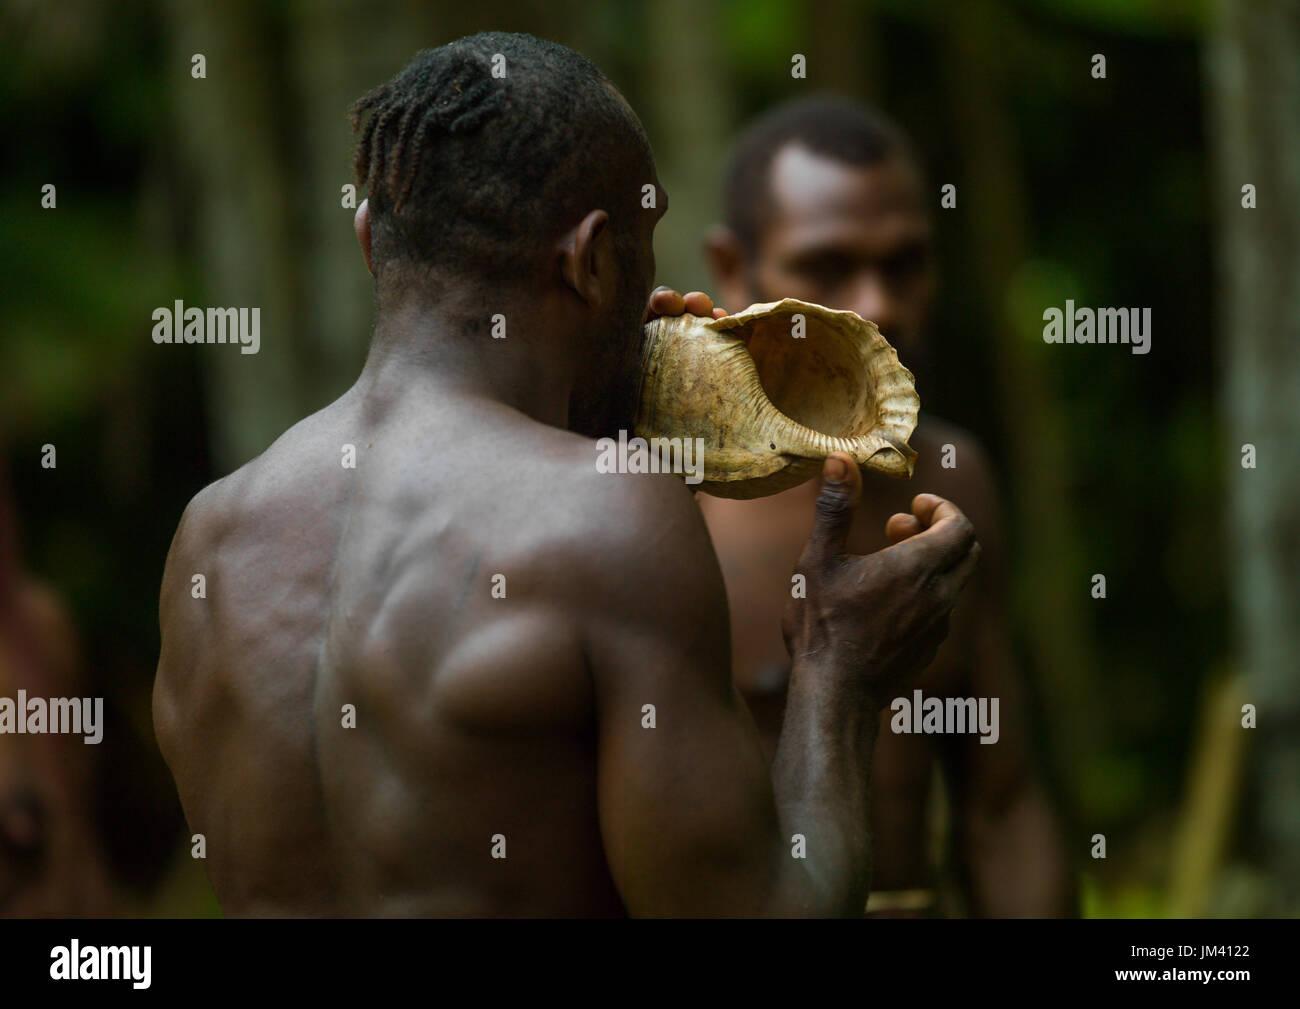 Big Nambas tribesman blowing in a shell, Malampa Province, Malekula Island, Vanuatu - Stock Image